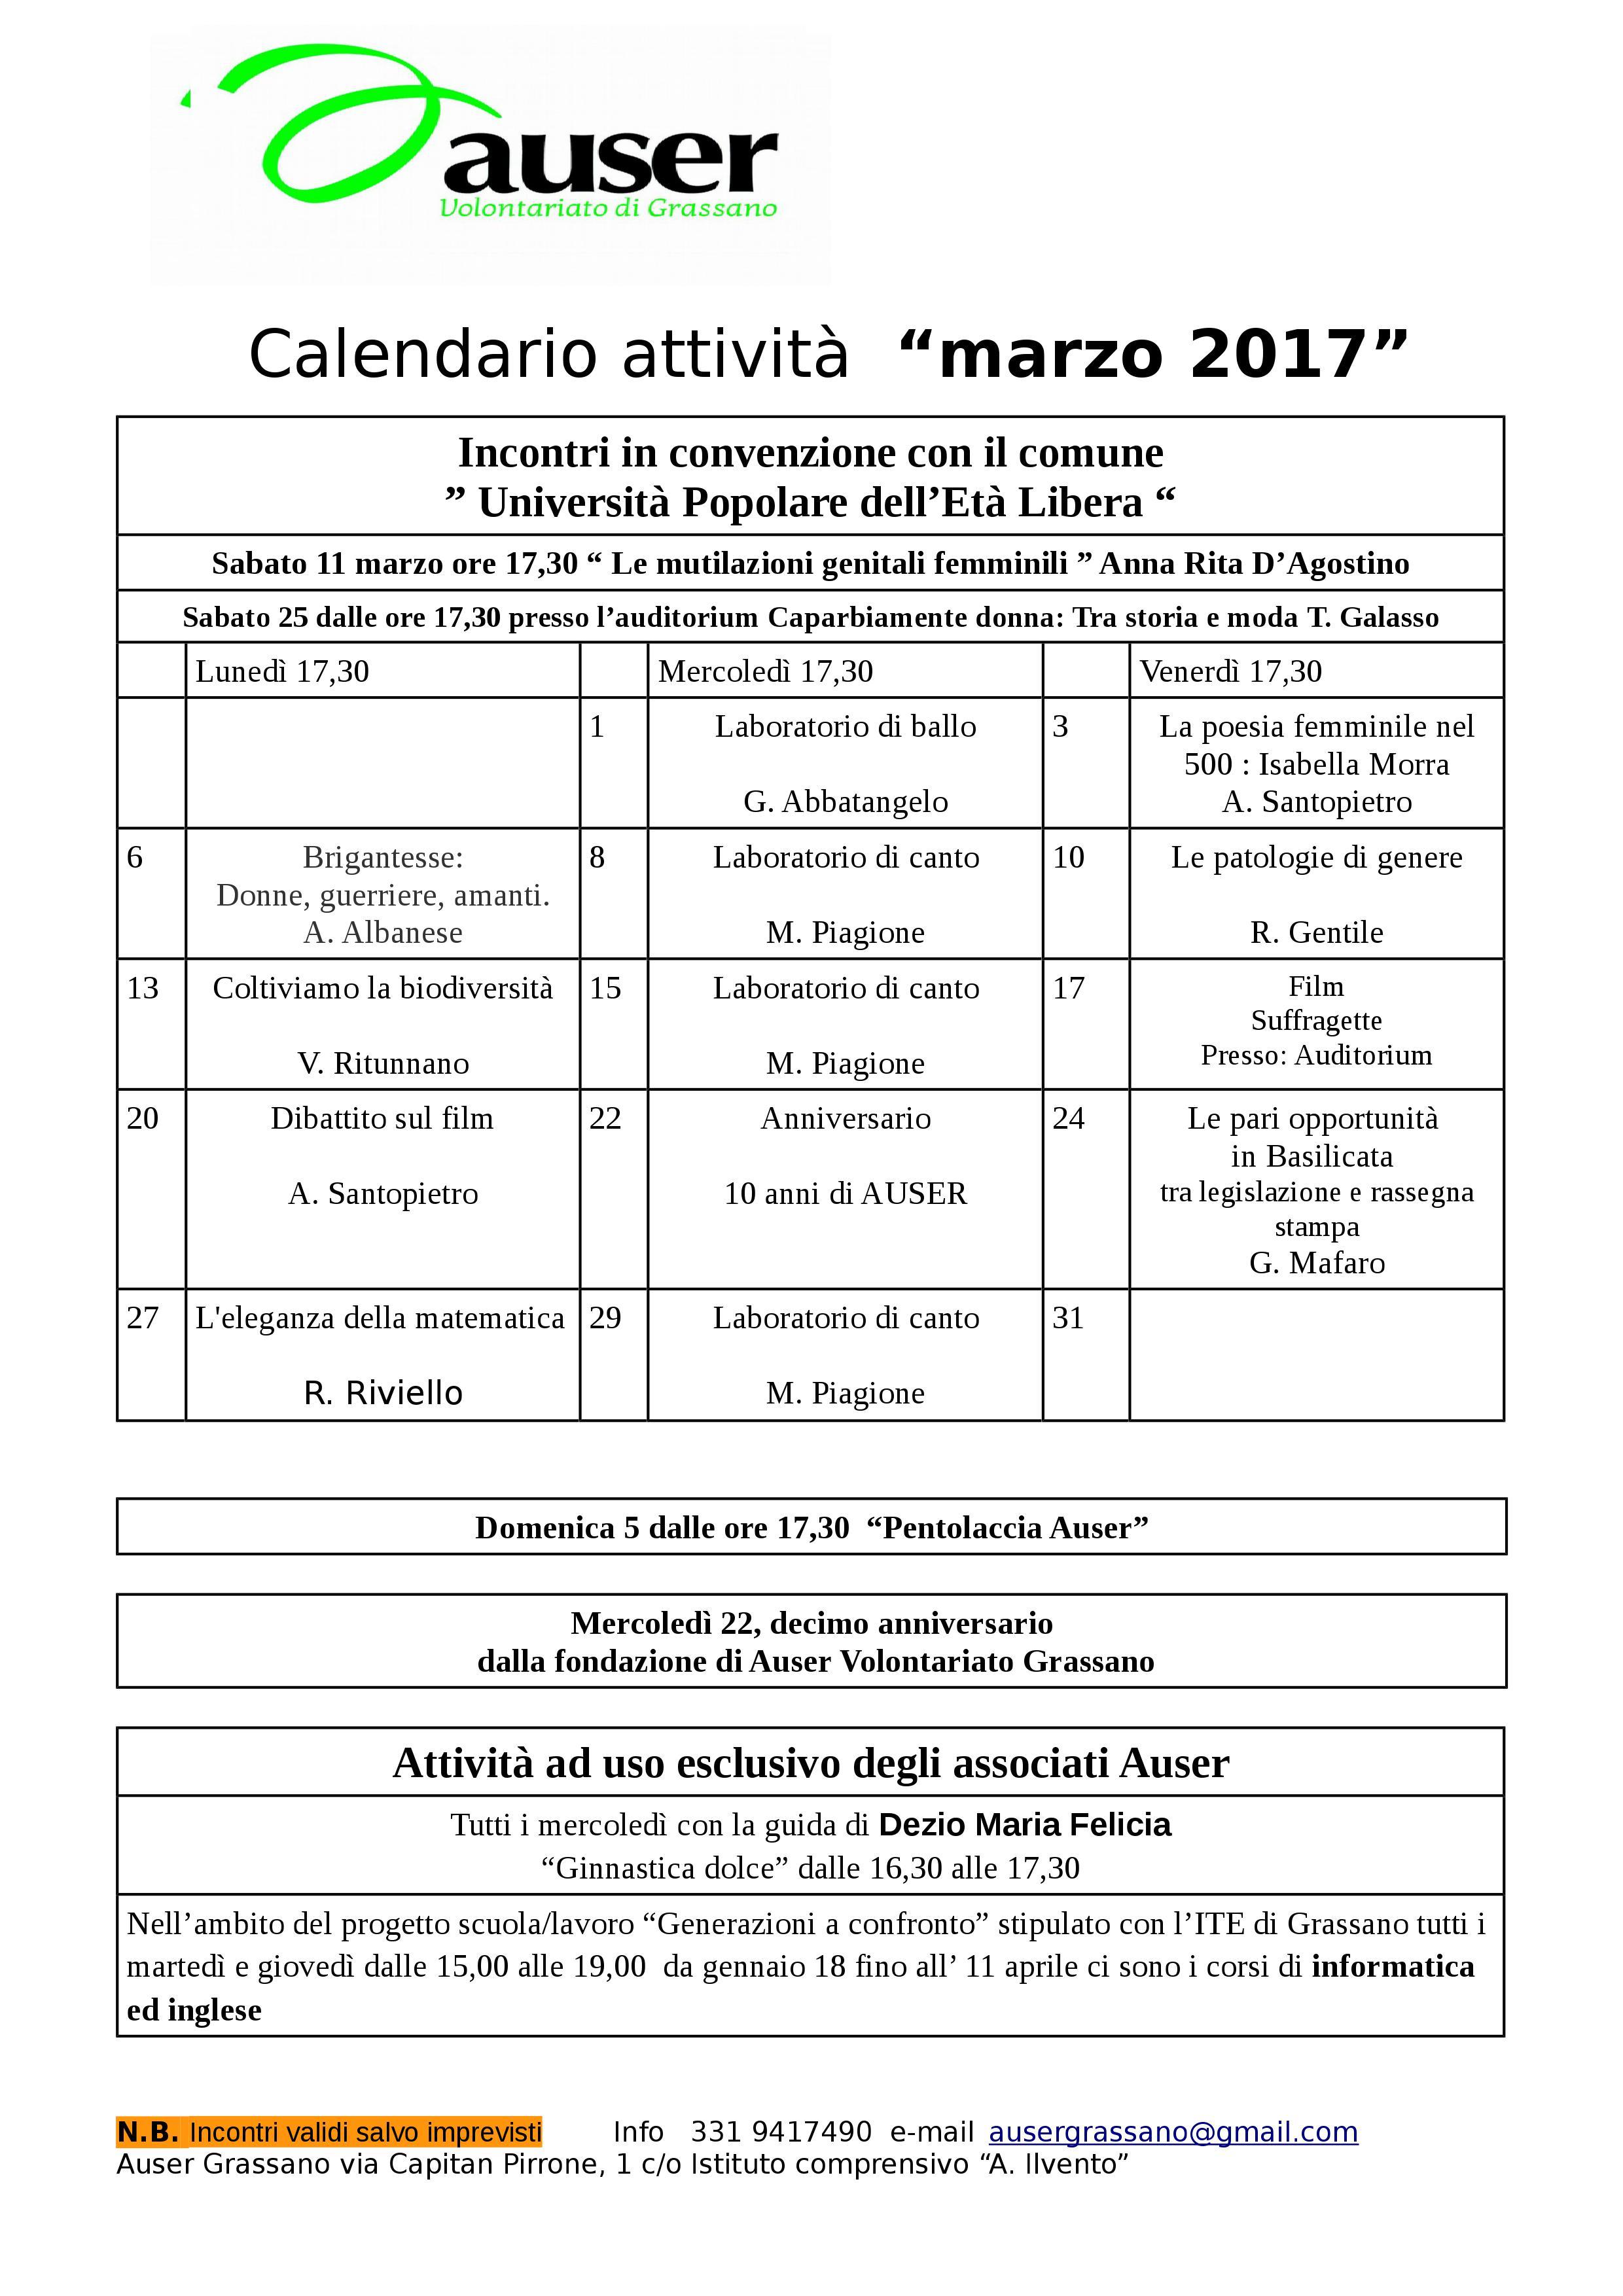 Calendario Di Marzo.Calendario Incontri Di Marzo 2017 Auser Grassano